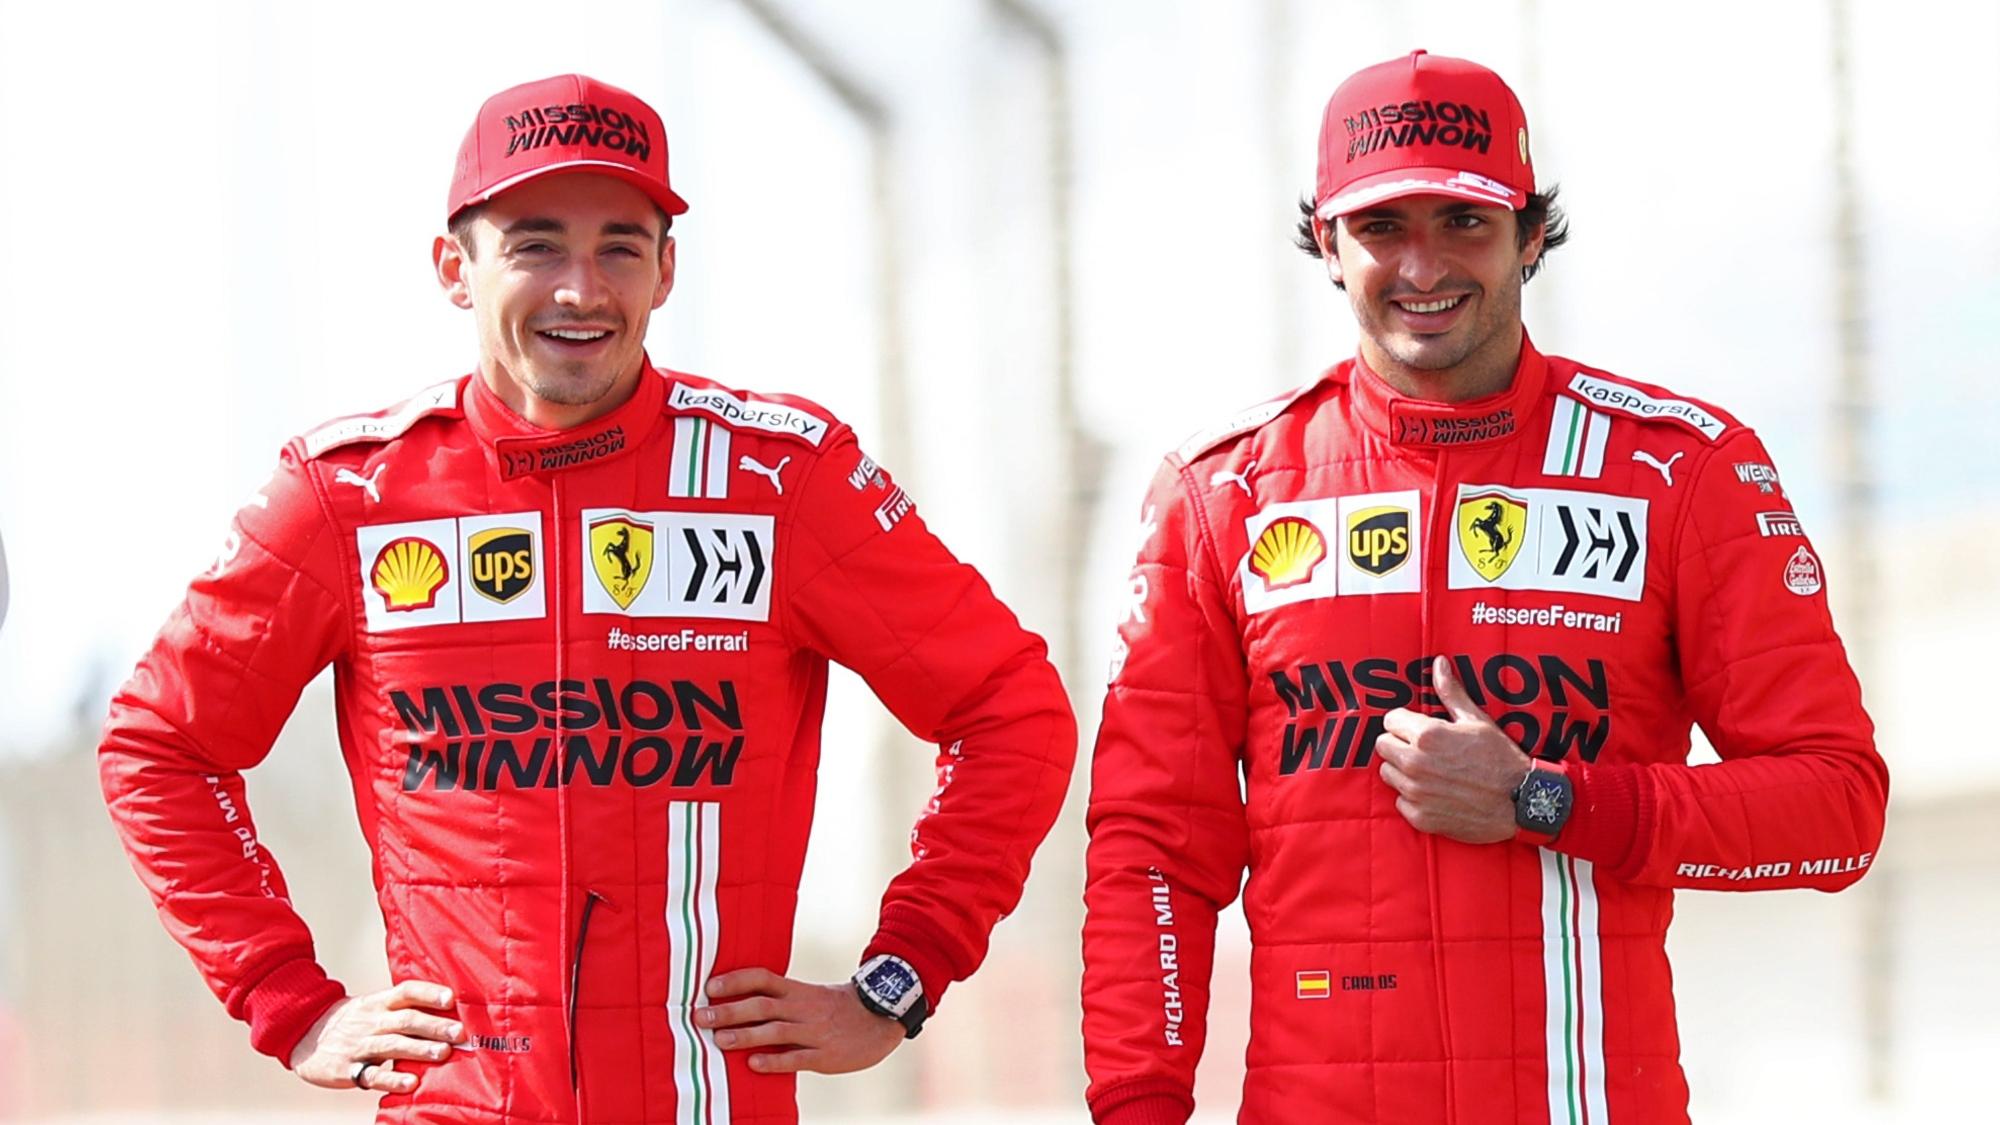 Charles Leclerc, Carlos Sainz, 2021 Bahrain gp